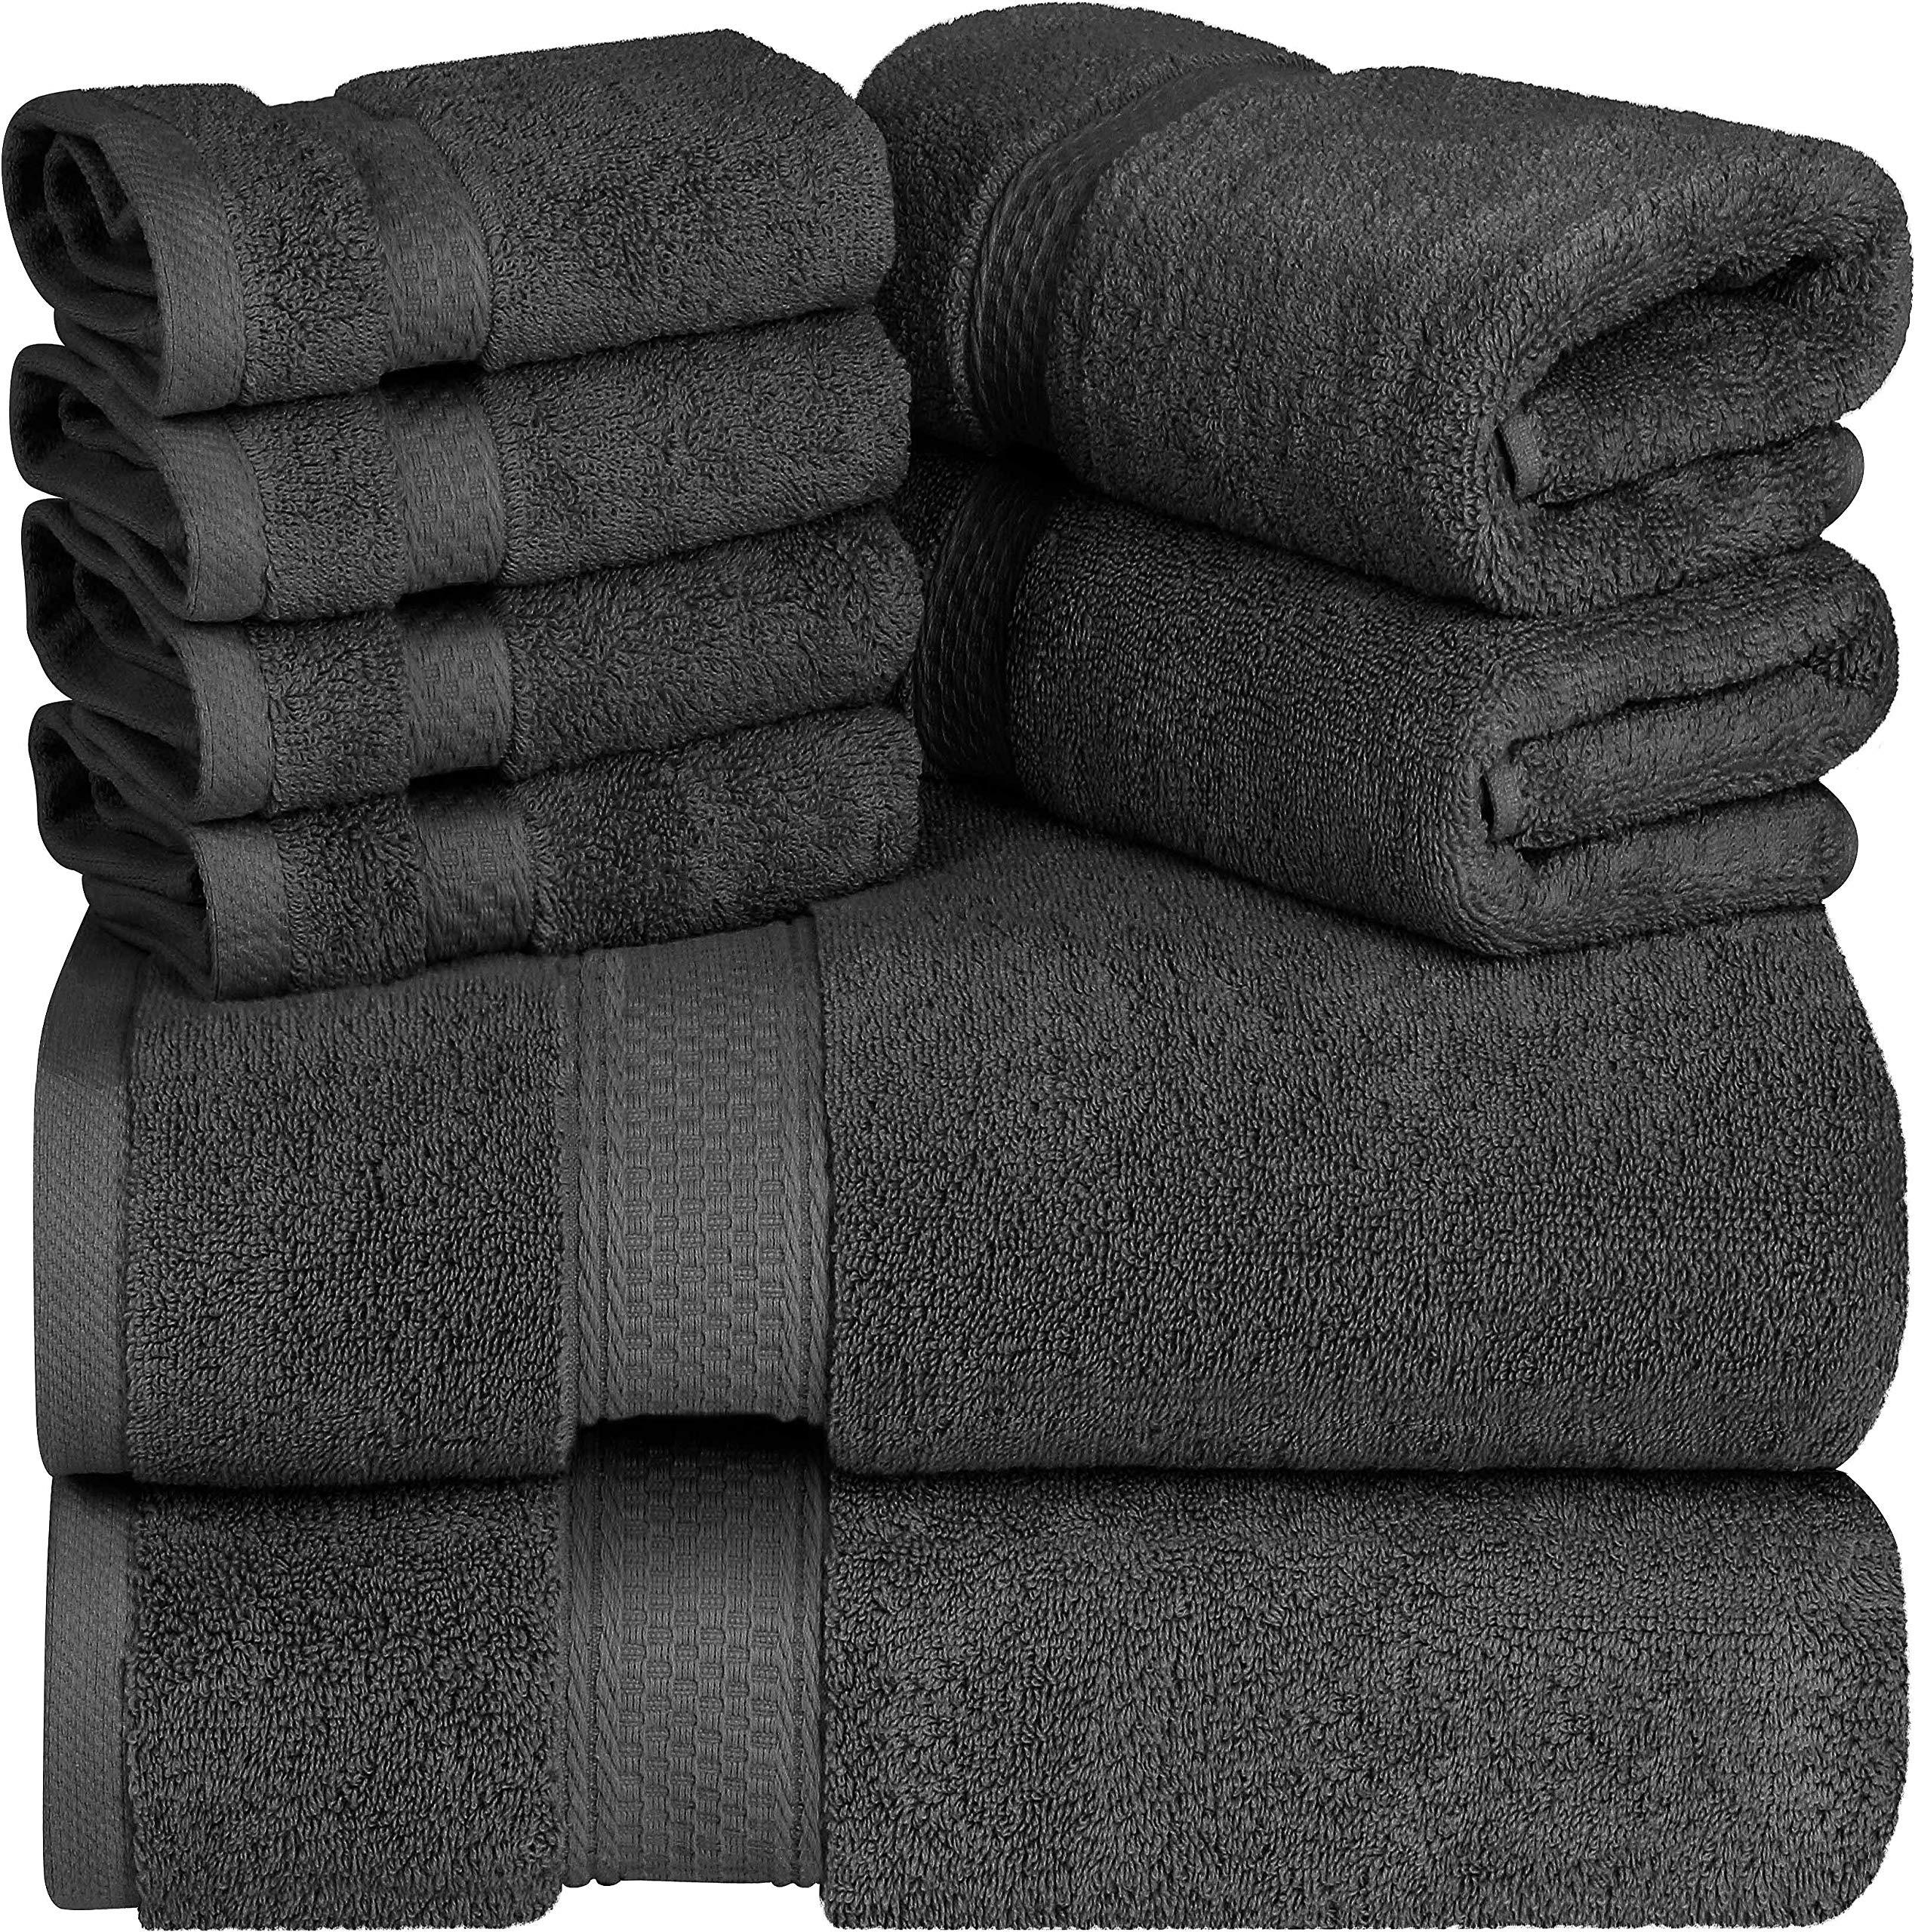 Utopia Towels - 700 GSM Juego de toallas de 8 piezas; 2 toallas de baño, 2 toallas de mano y 4 paños de ducha - Algodón - Lavable a máquina, calidad del hotel (gris): Amazon.es: Hogar